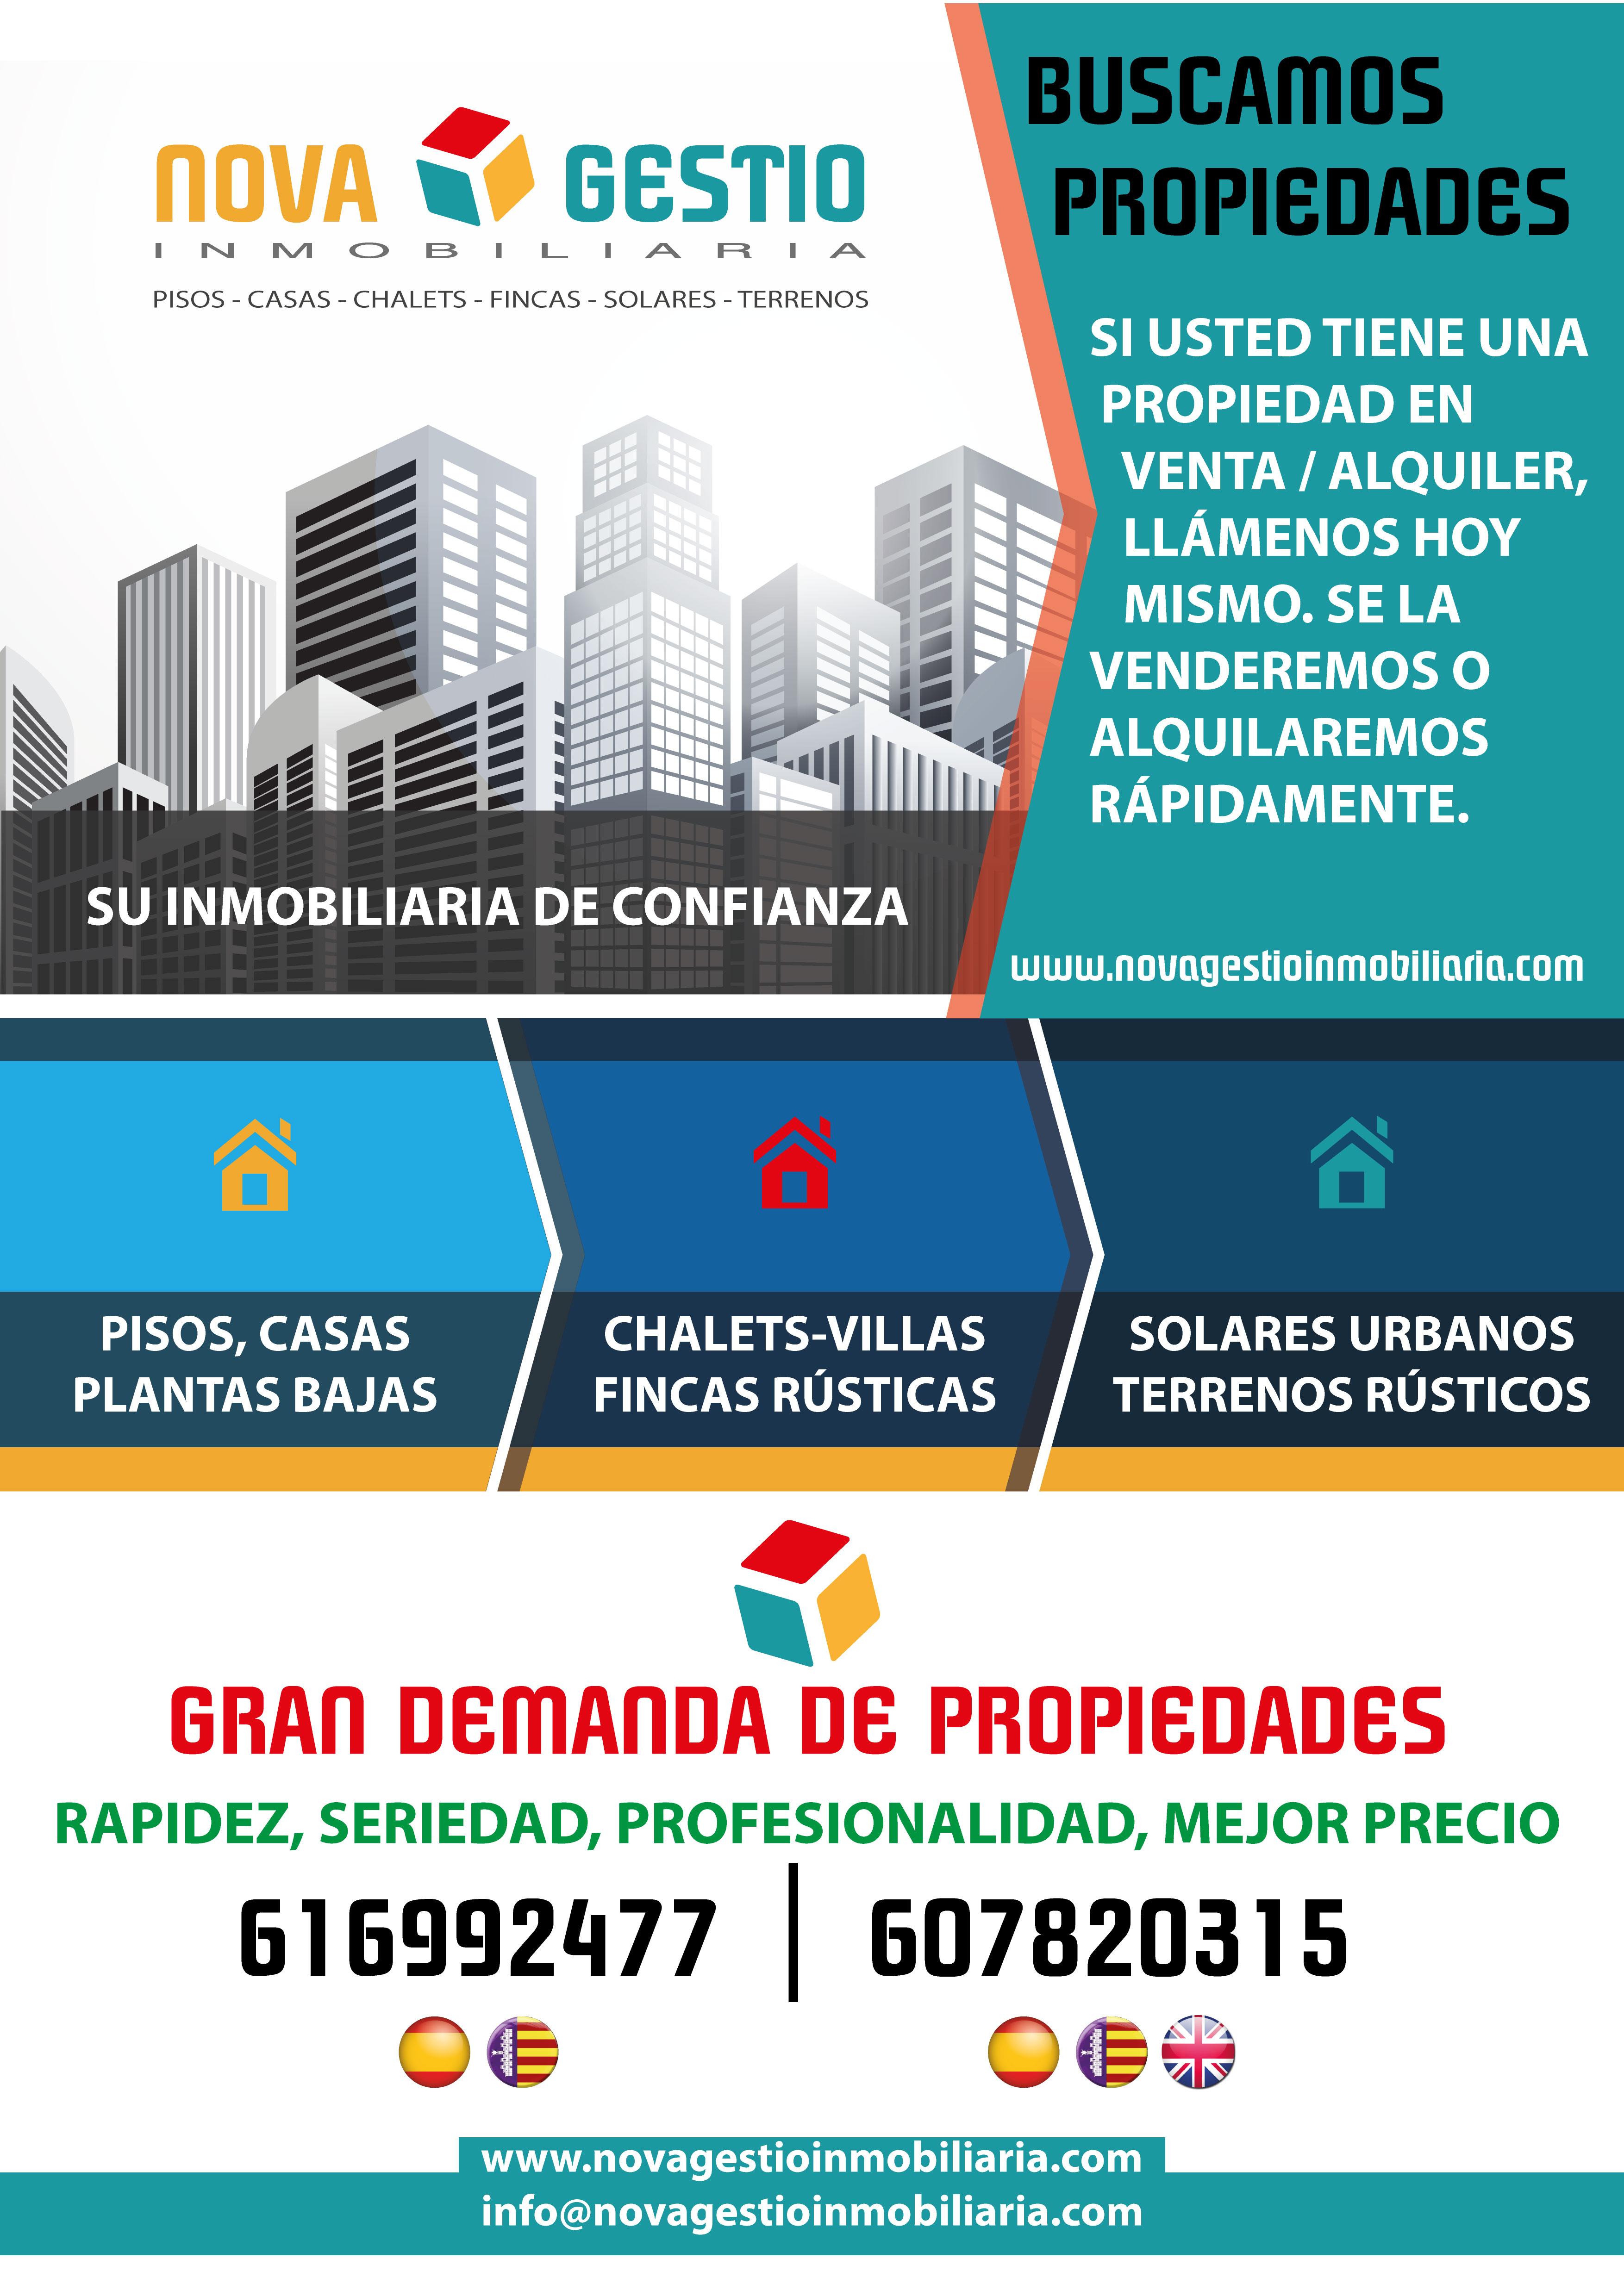 Nova gestio inmobiliaria venta y alquiler de propiedades - Tramites legales para alquilar un piso ...